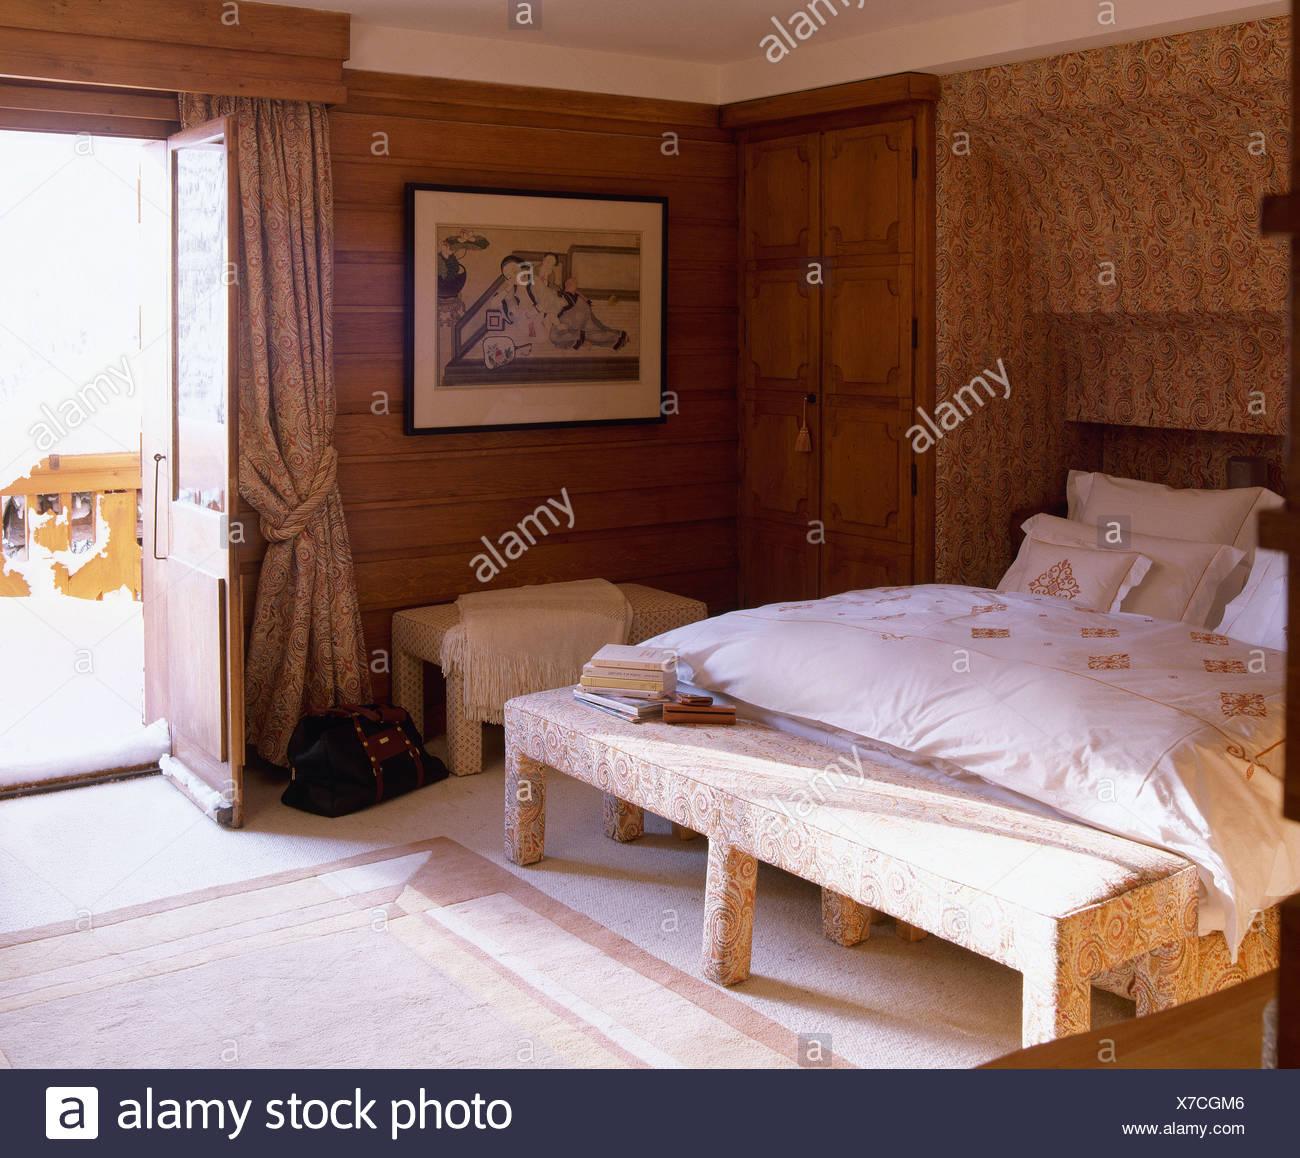 Polsterbank Platz Unter Bett Mit Creme Bettdecke In Holz Getäfelten Alpine  Schlafzimmer Mit Beige Vorhänge An Türen Zu öffnen, Auf Den Balkon